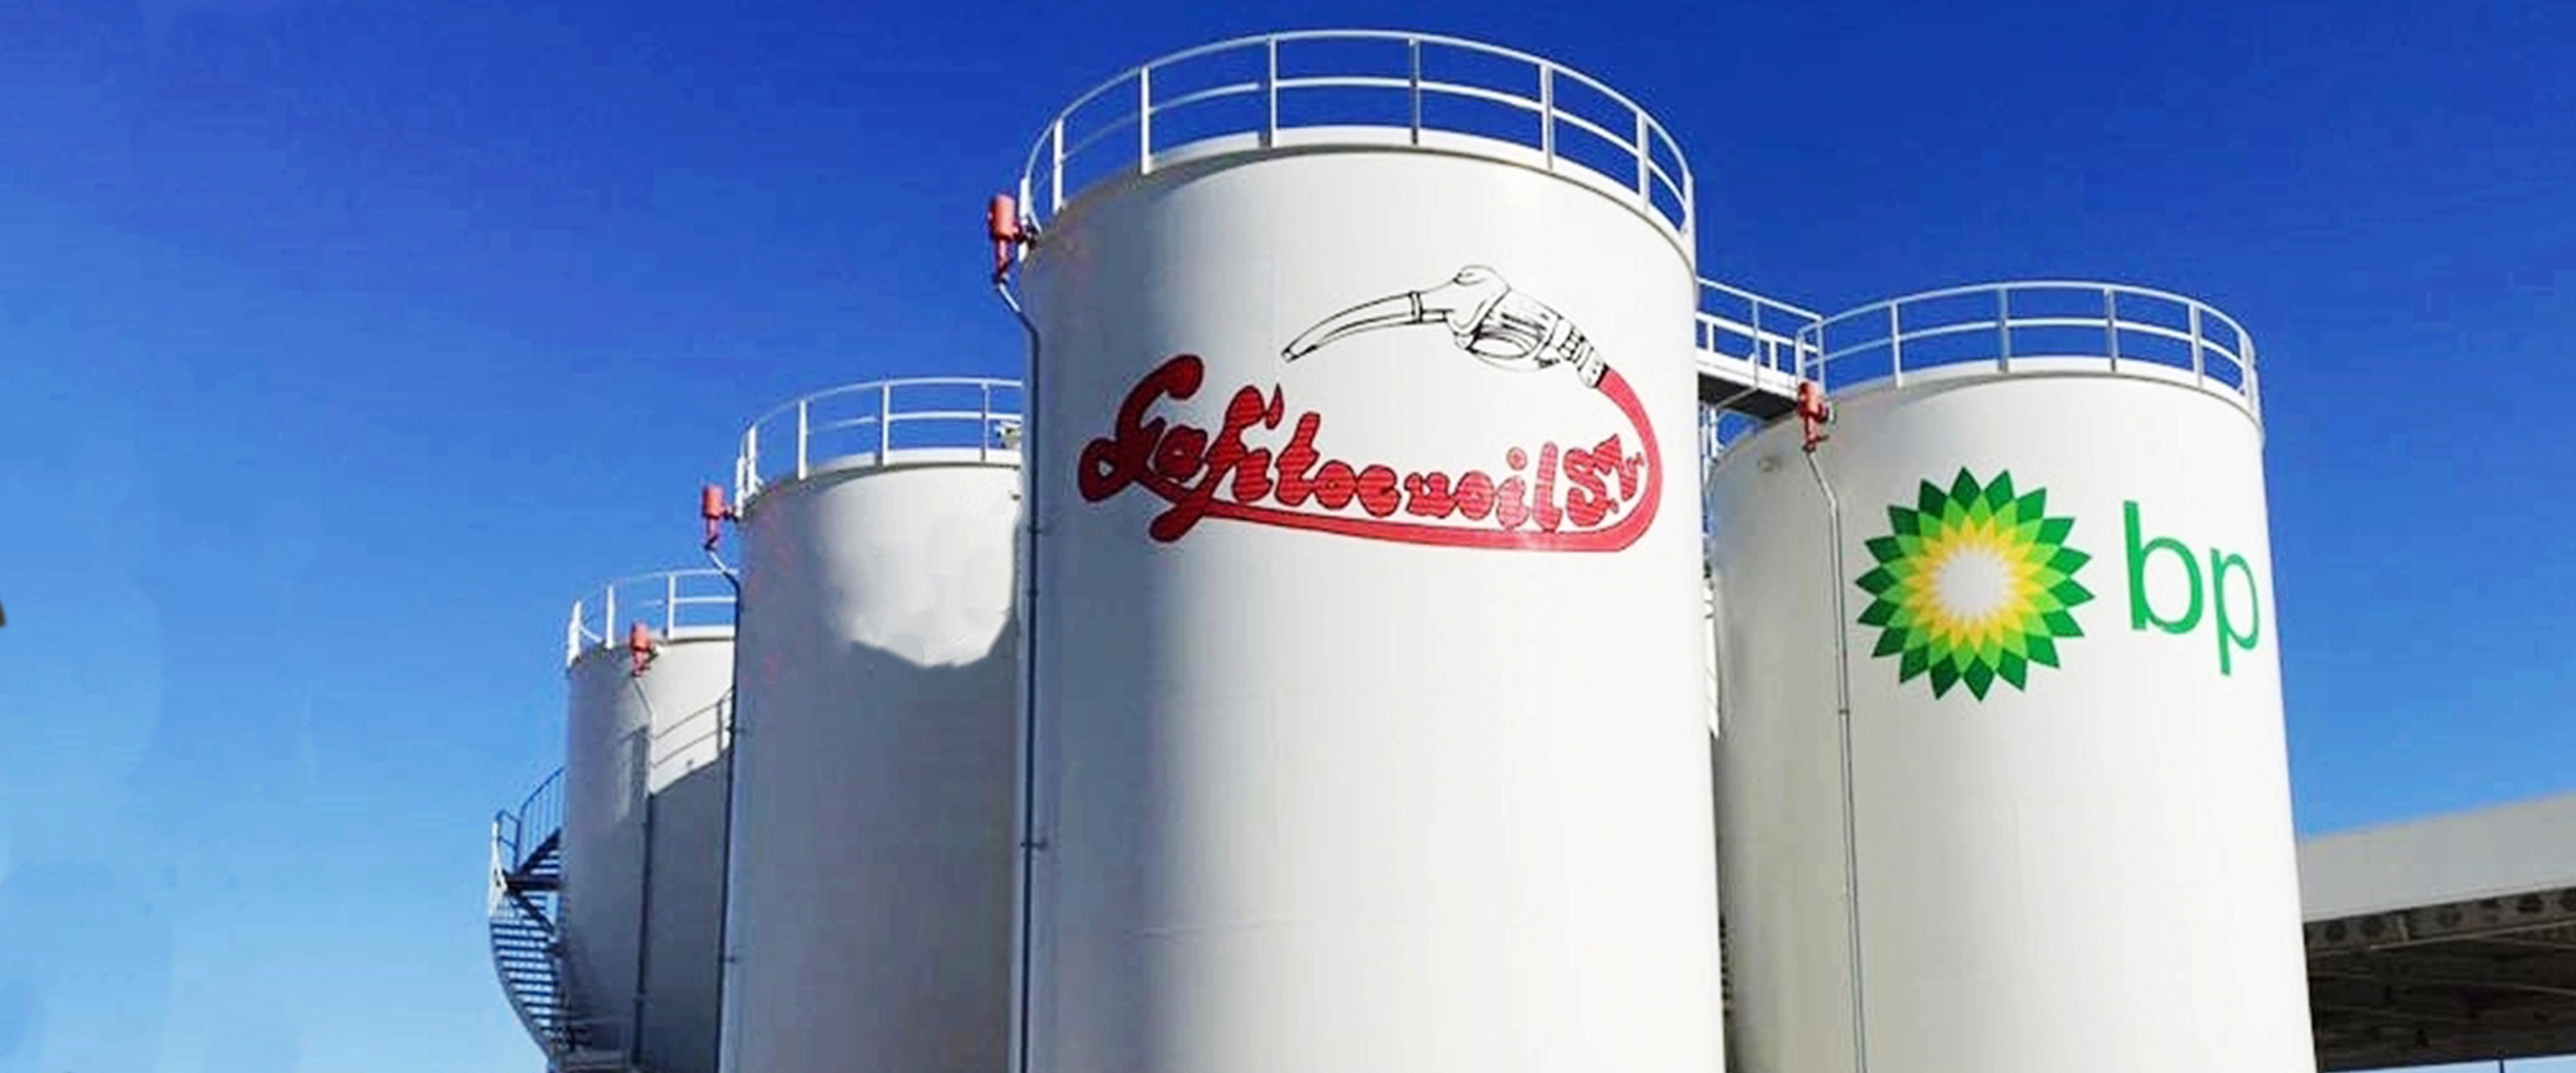 instalaciones gasocentro